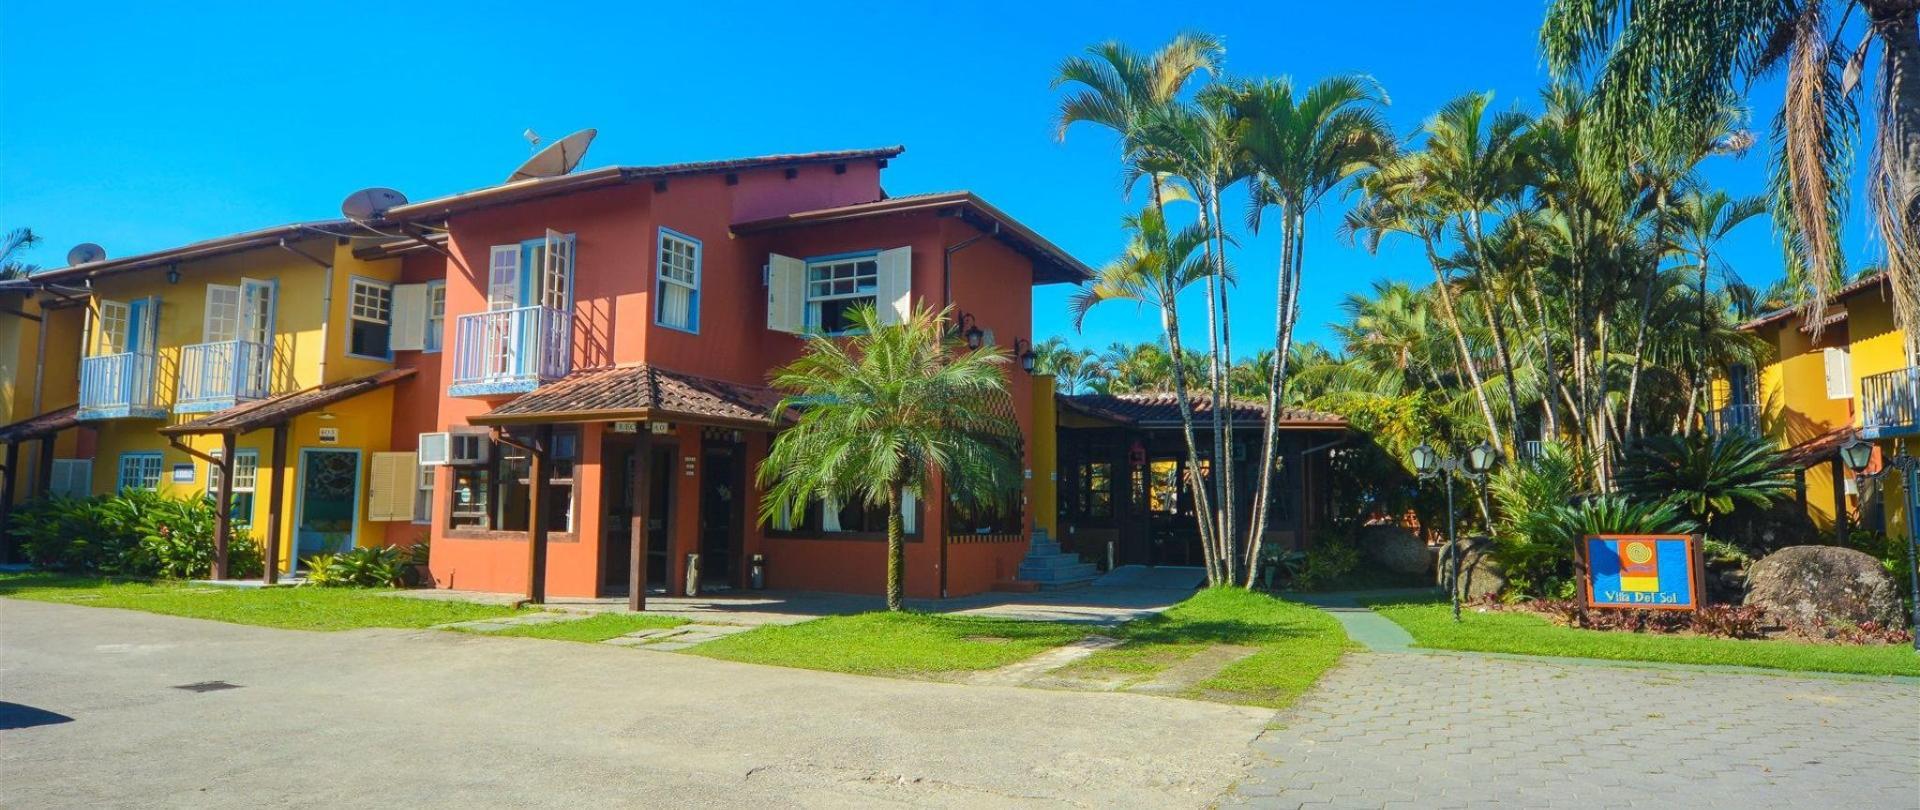 Pousada Villa del Sol - Parati - Brasil4.jpg